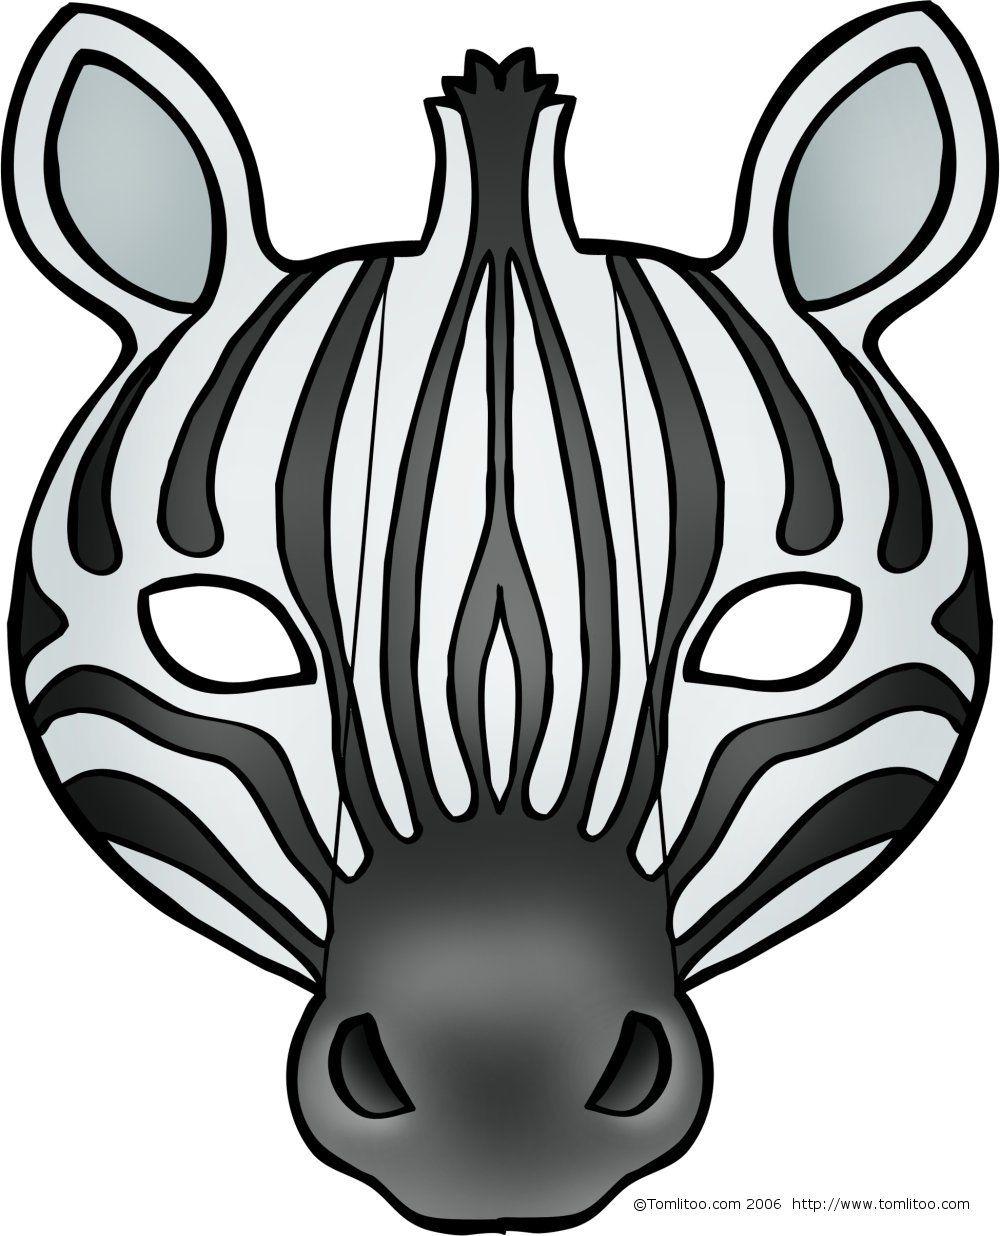 Masques D'animaux À Imprimer Et Colorier Pour Les Enfants encequiconcerne Masque À Imprimer Animaux